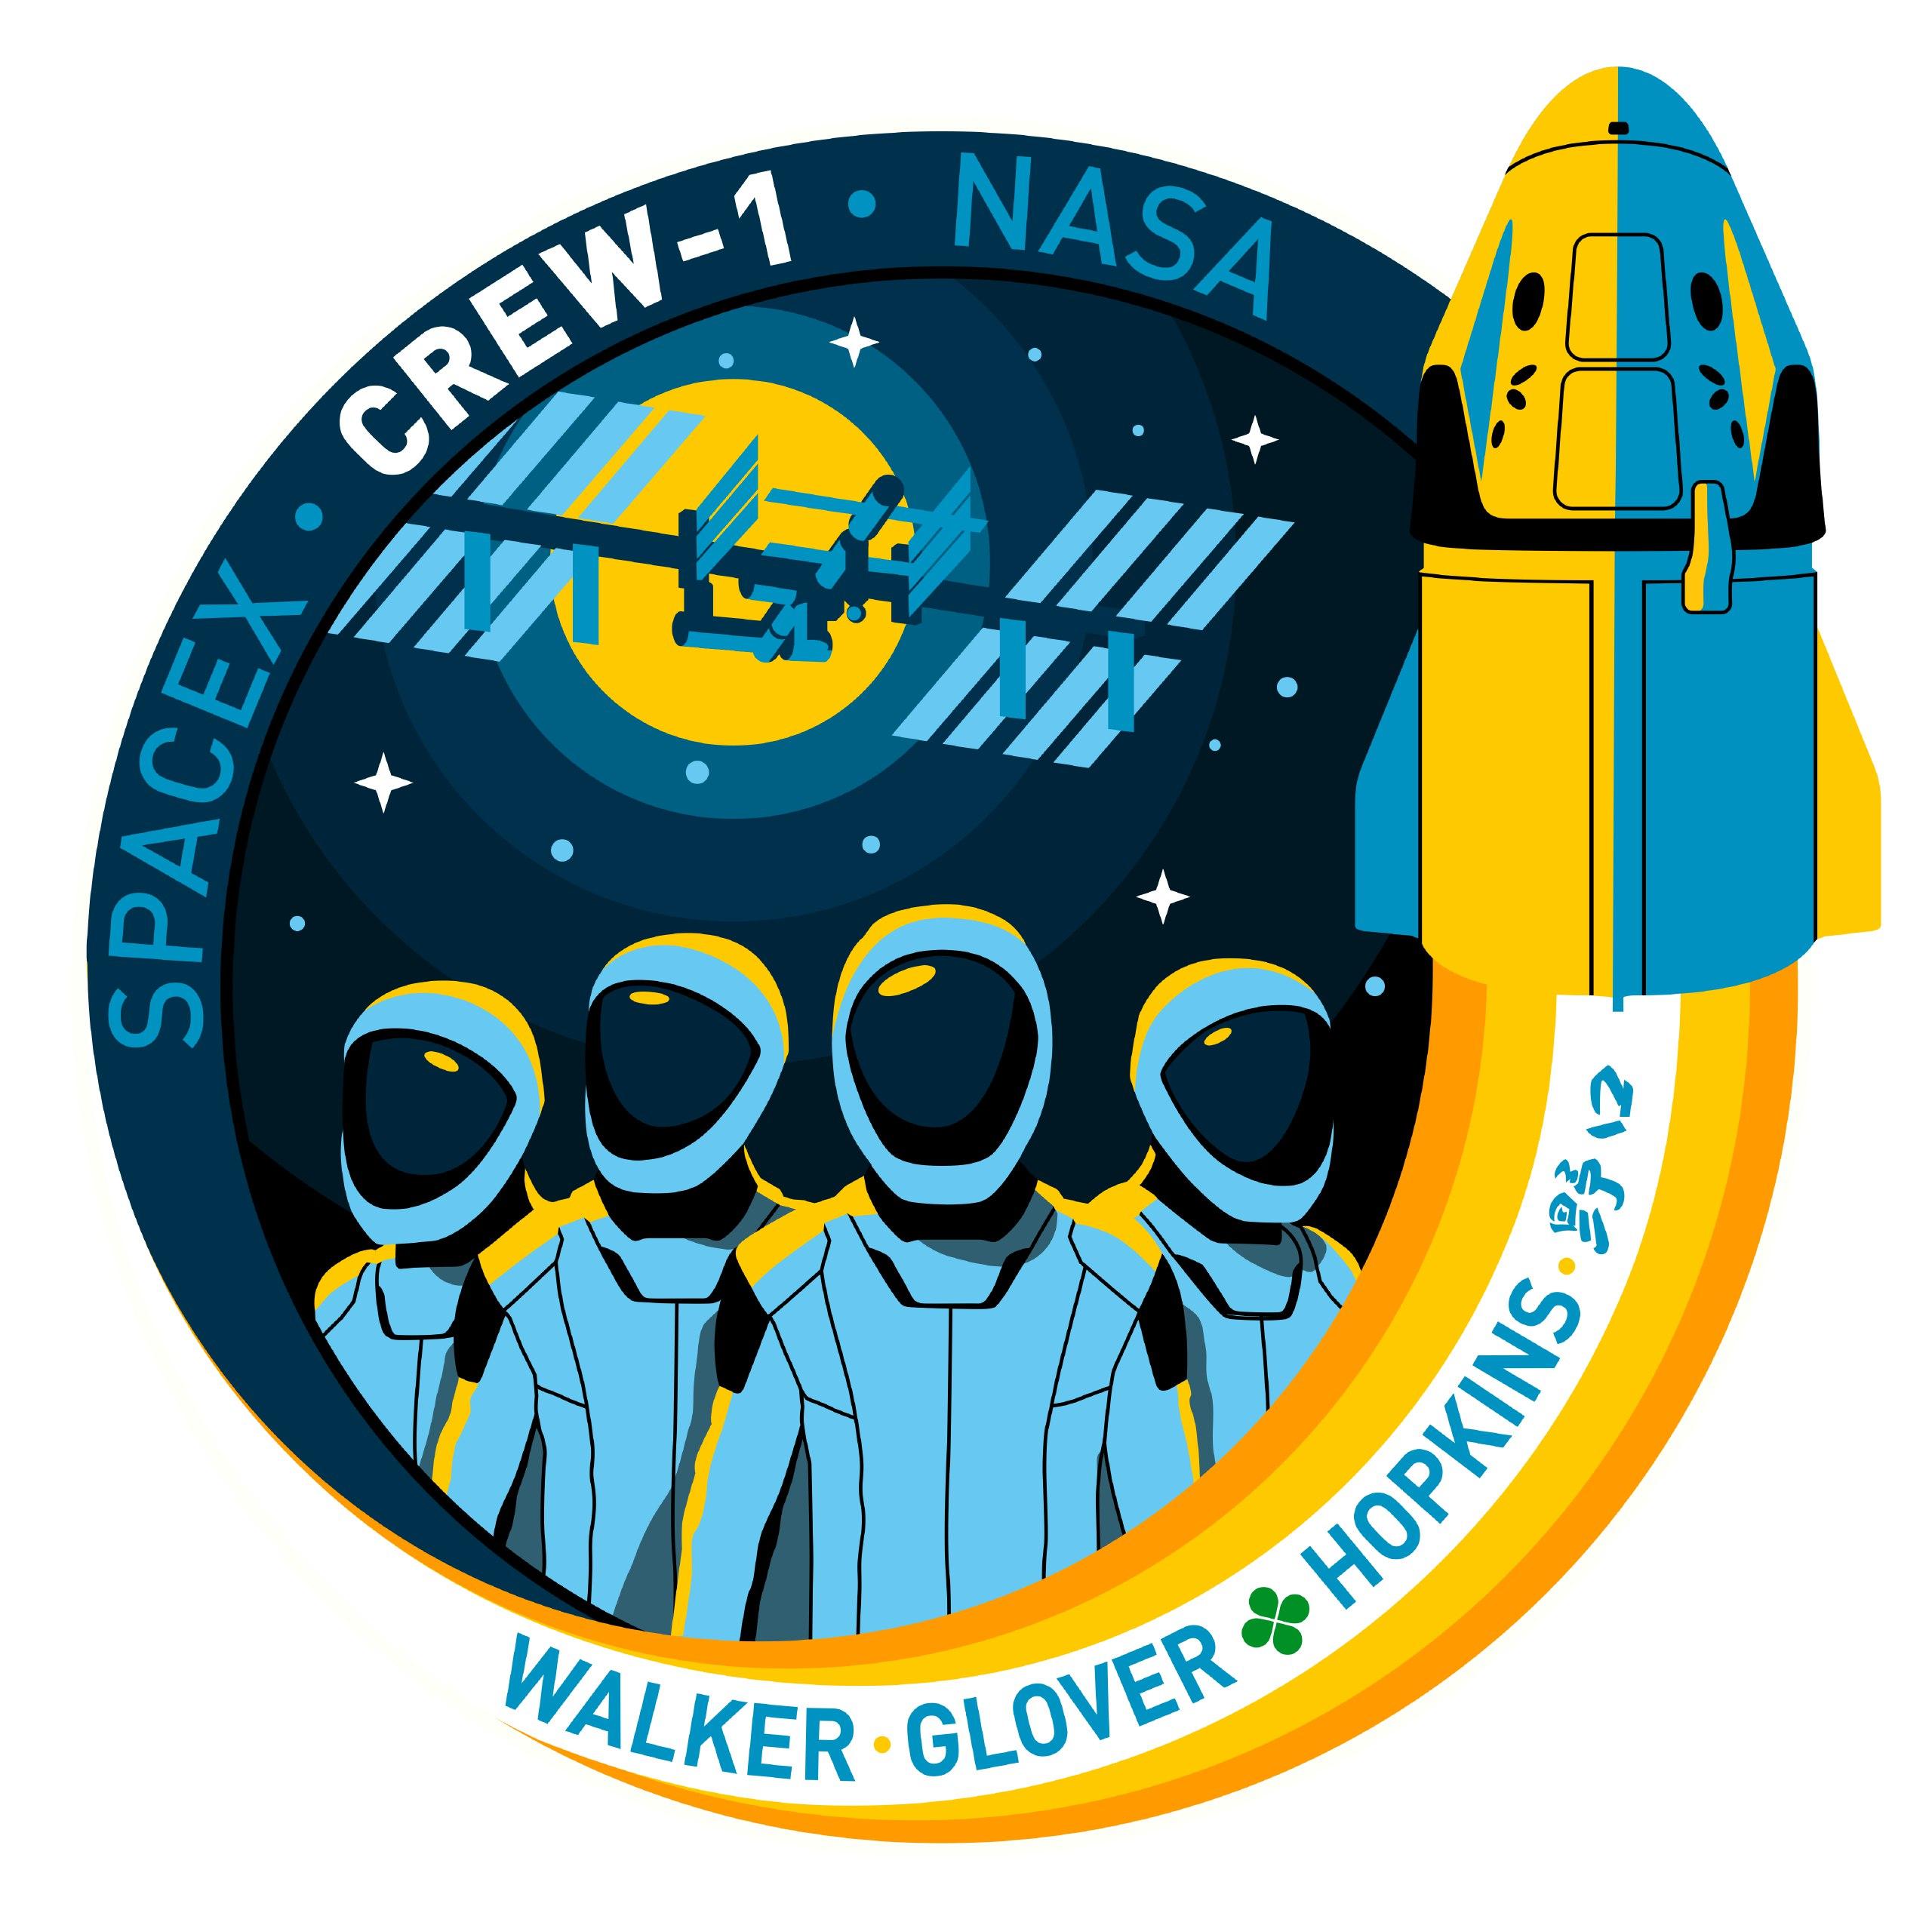 Patch Crew-1